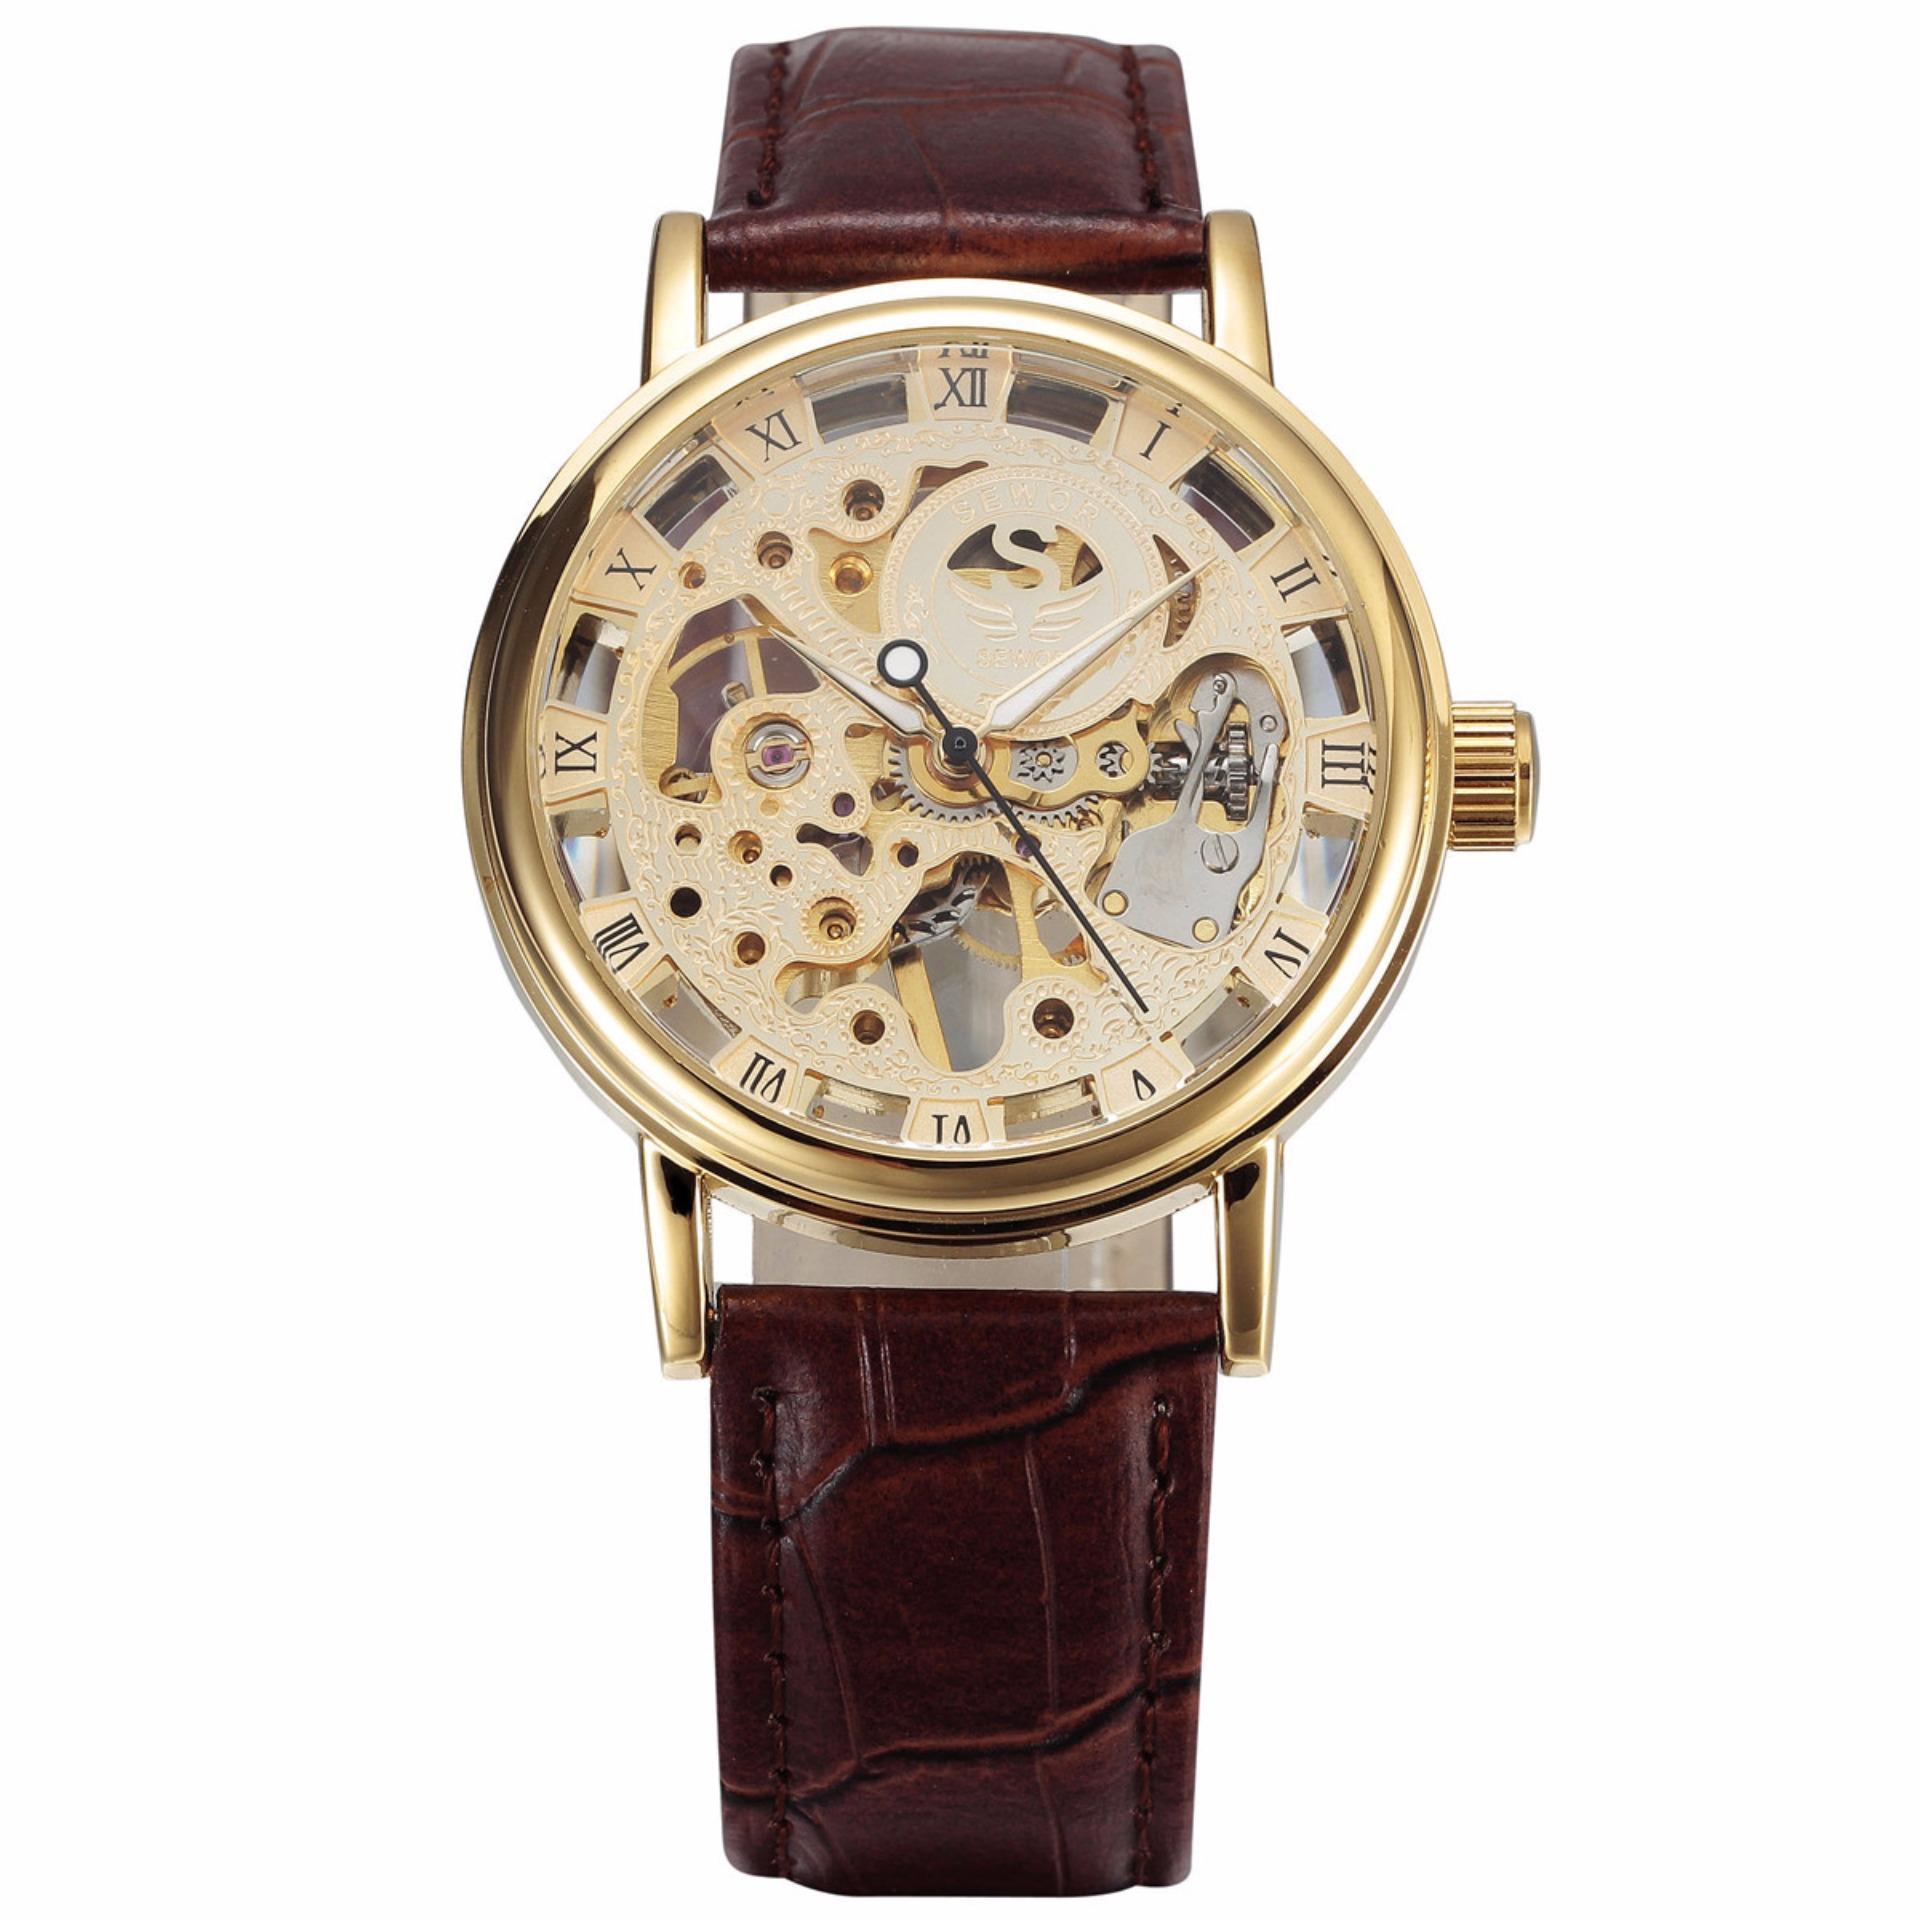 Đồng hồ nam SEWOR cơ dây da lộ máy lịch lãm sang trọng JS-SQ605 bán chạy